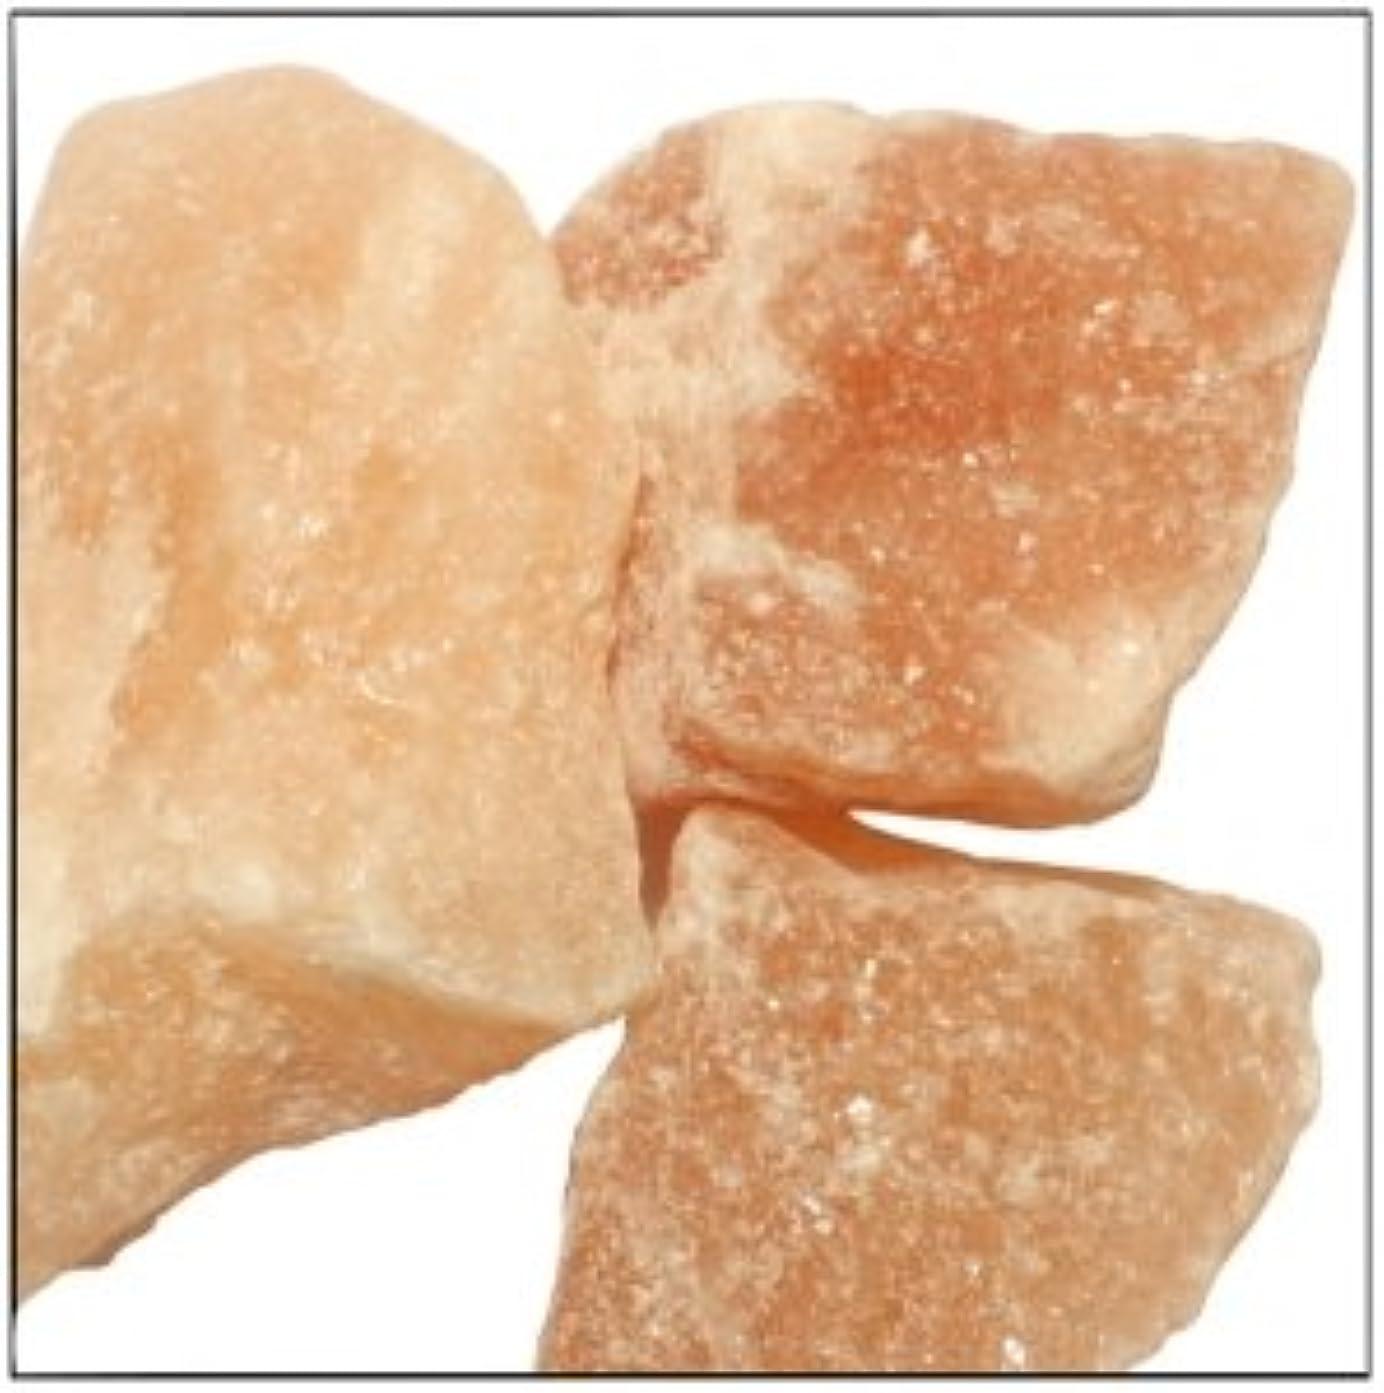 狂ったペレグリネーションセンチメートルヒマラヤピンク岩塩500g